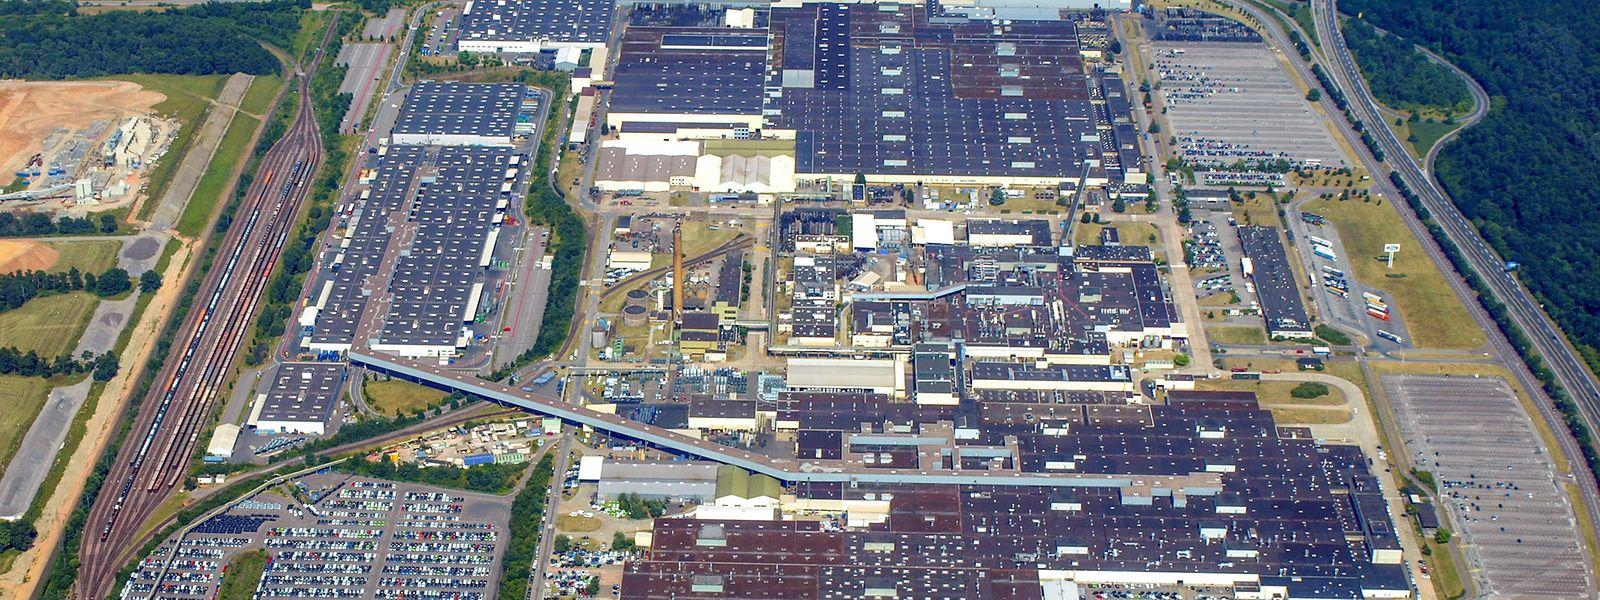 Im Ford-Werk in Saarlouis werden die Modelle Focus, C-Max und Grand C-Max produziert - Ende Juni ist damit Schluss.